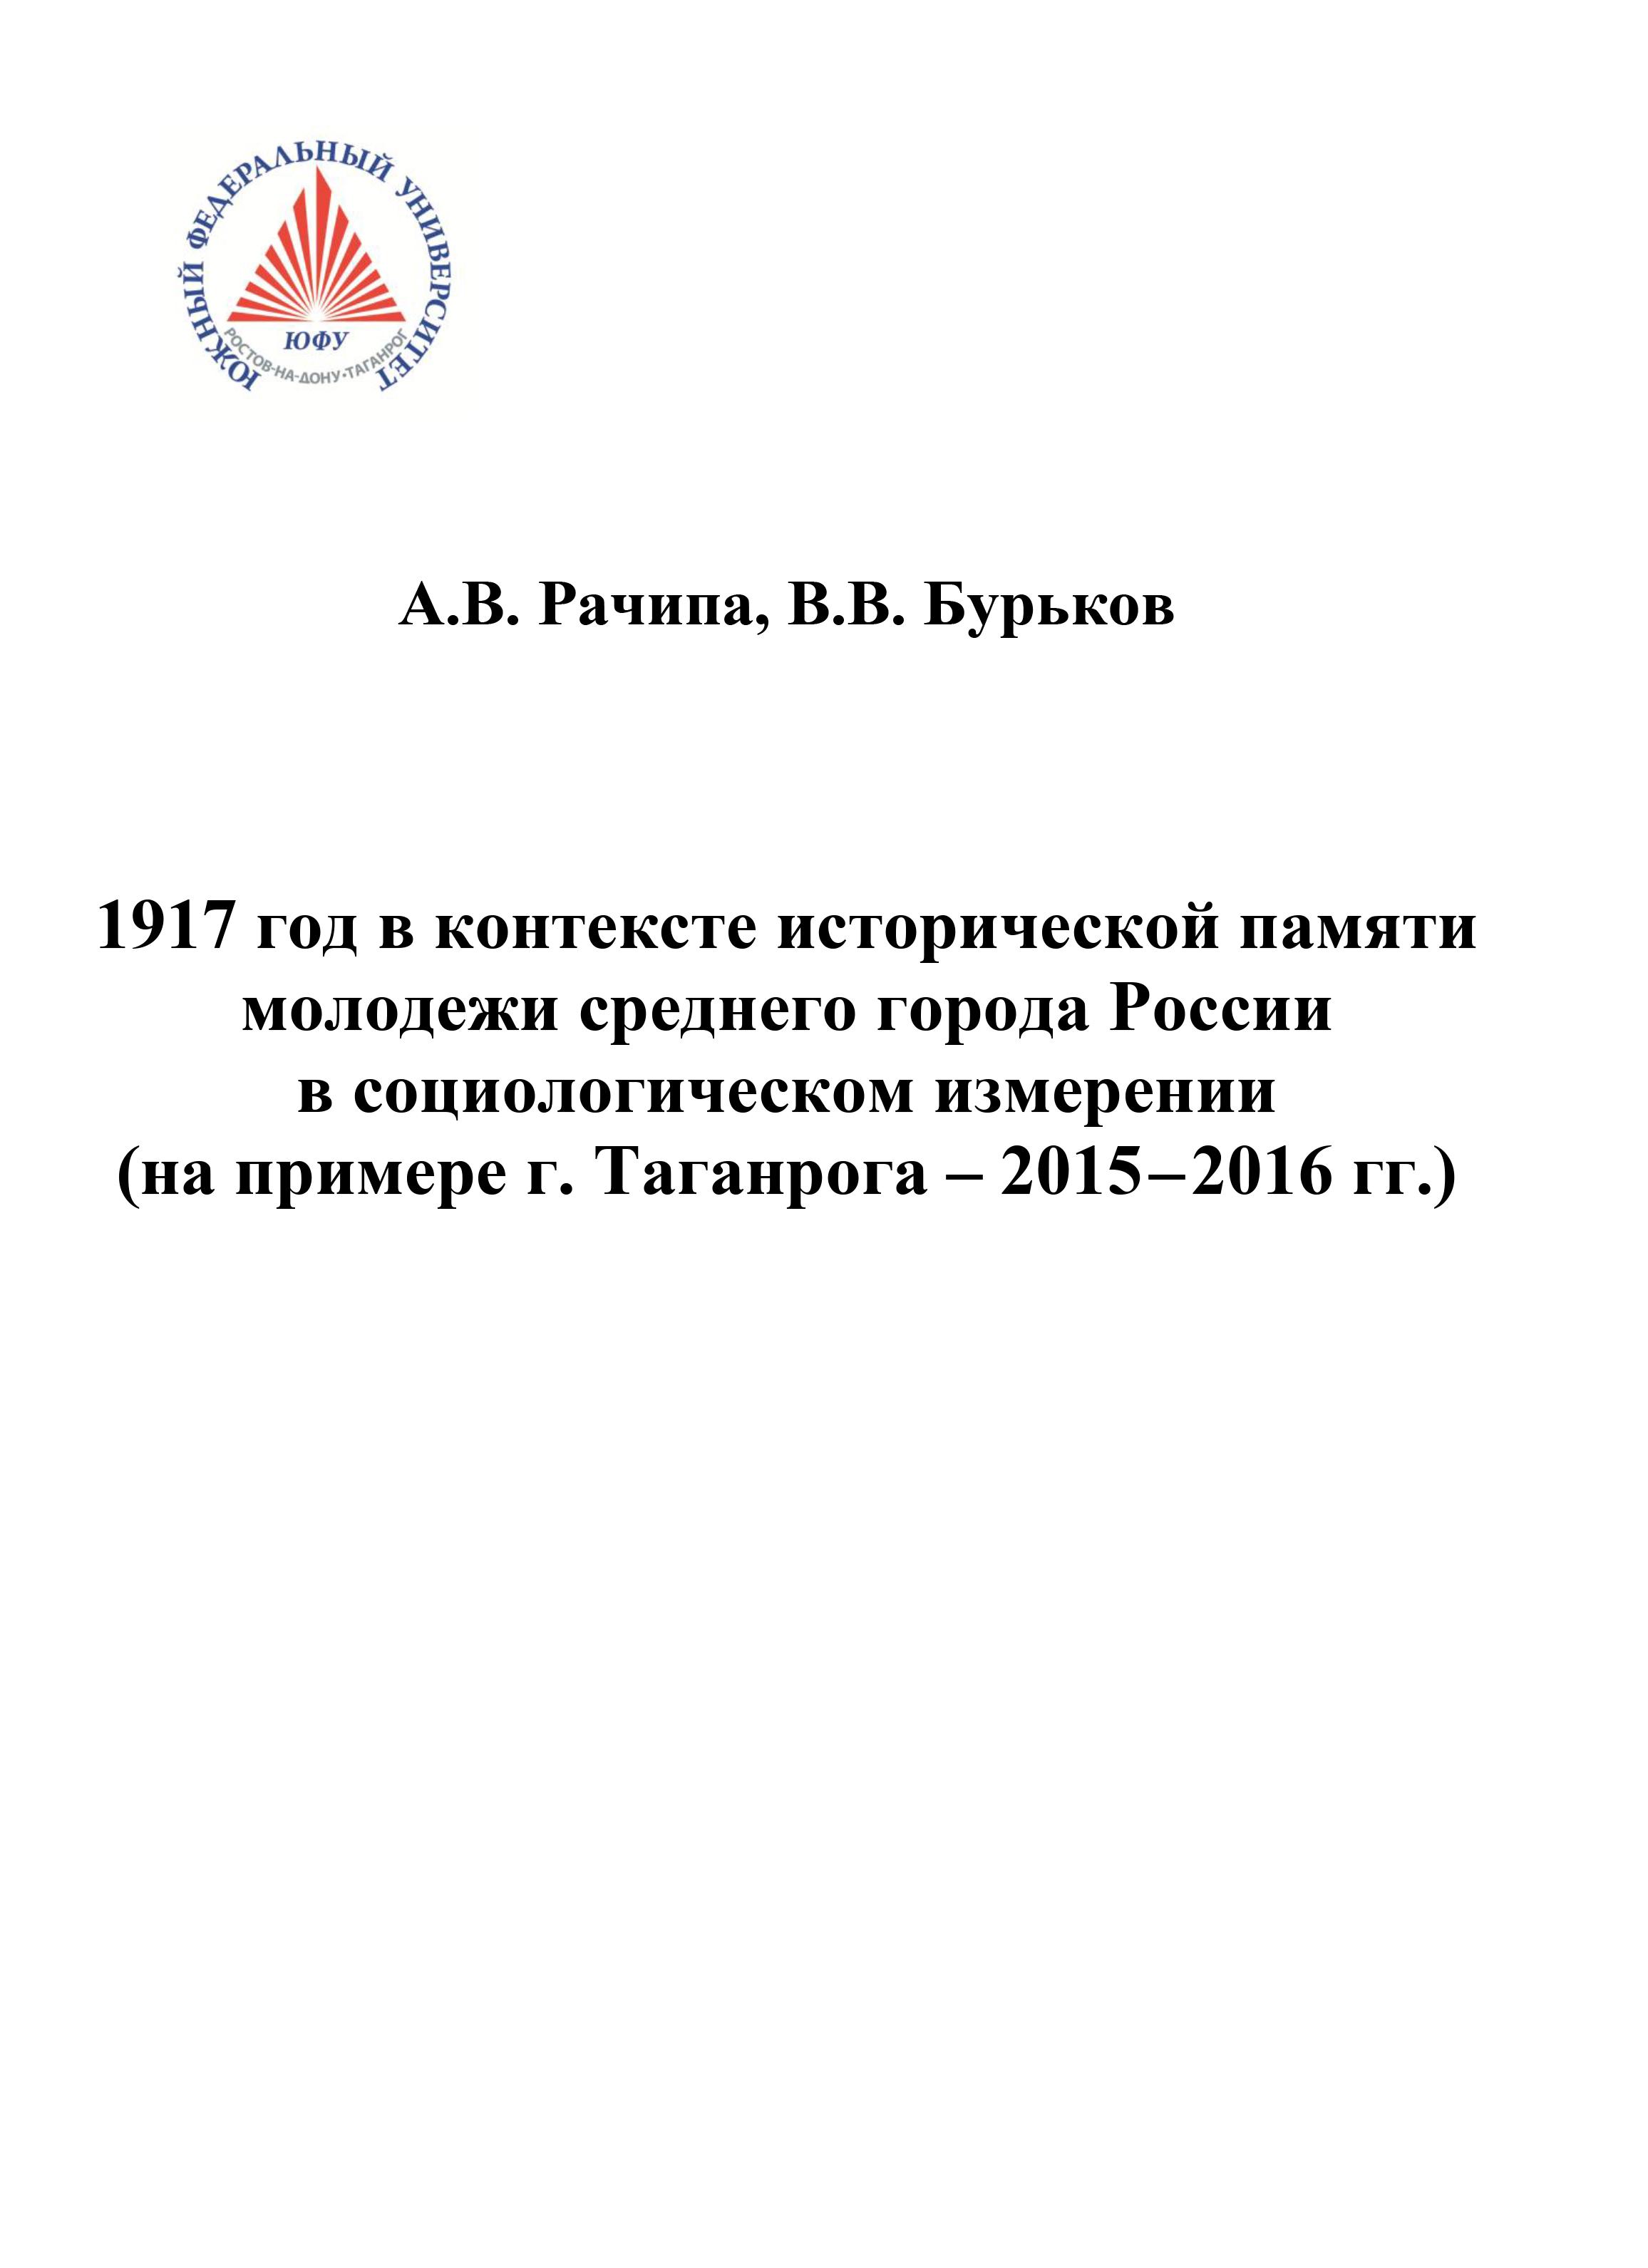 Владимир Бурьков 1917 год в контексте исторической памяти молодежи среднего города России в социологическом измерении (на примере г. Таганрога. 2015-2016 гг.) е в заика экспериментальные исследования памяти